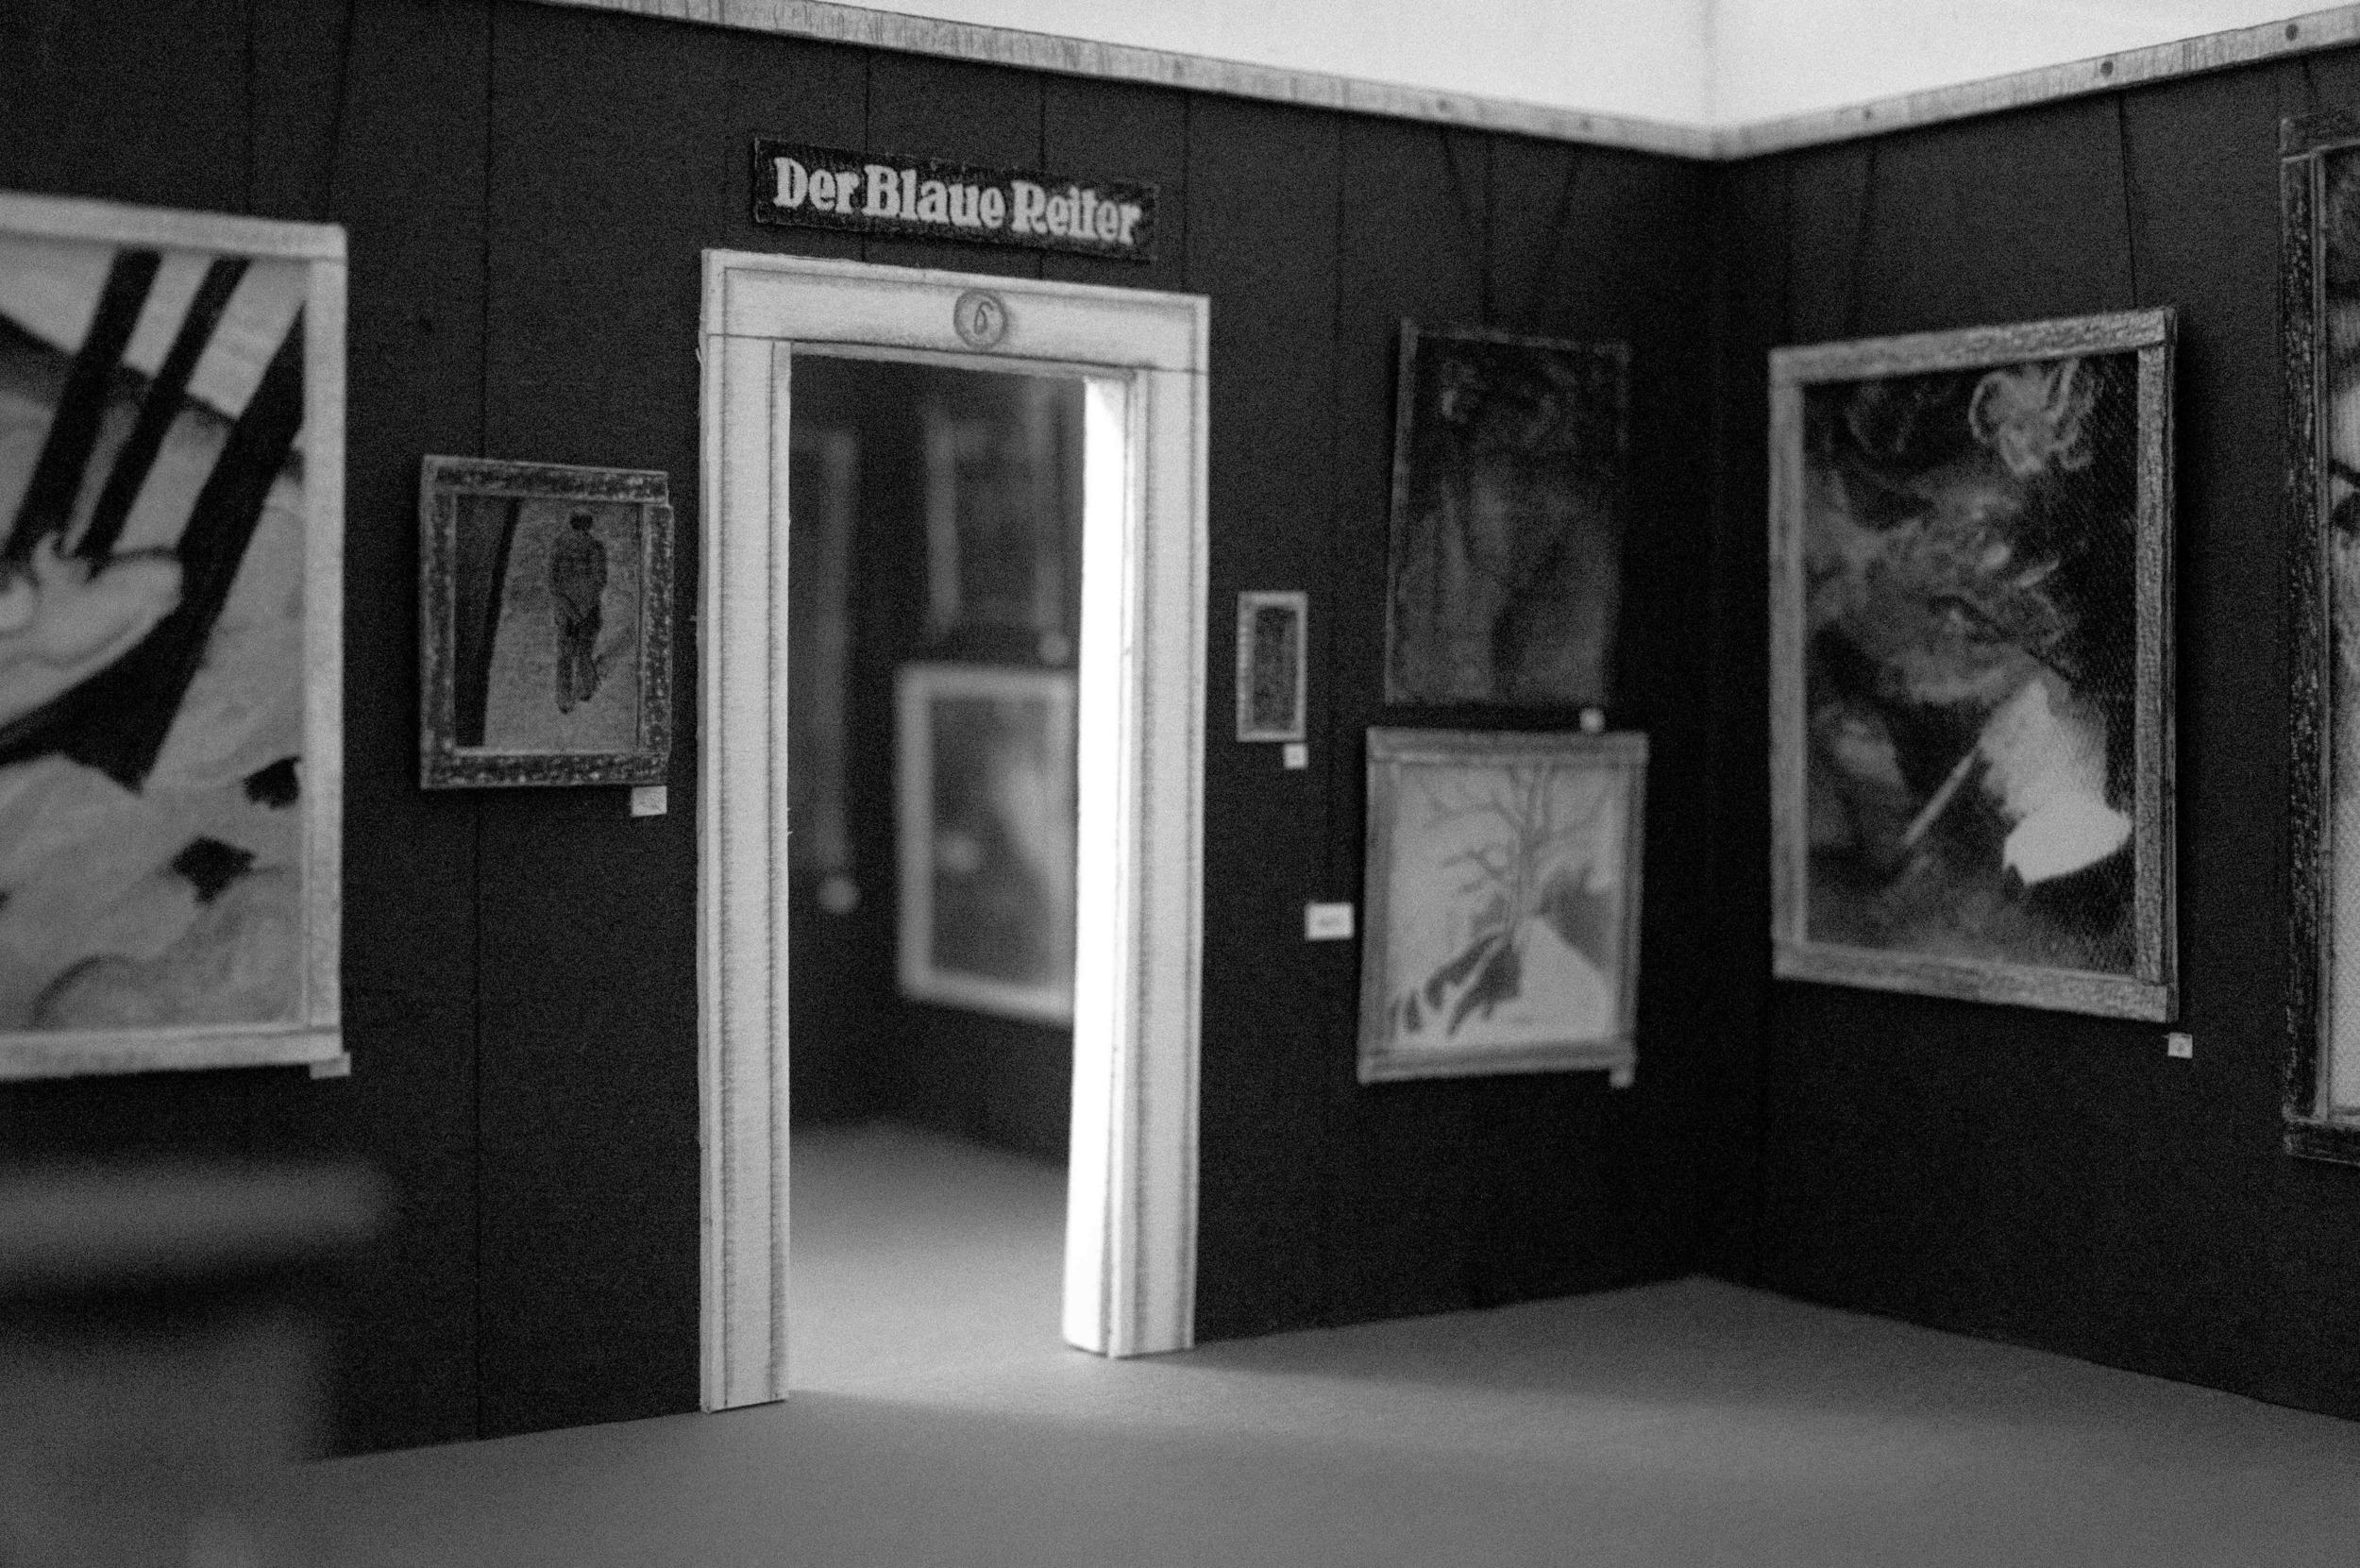 The First Der Blaue Reiter Exhibition , 1911-12